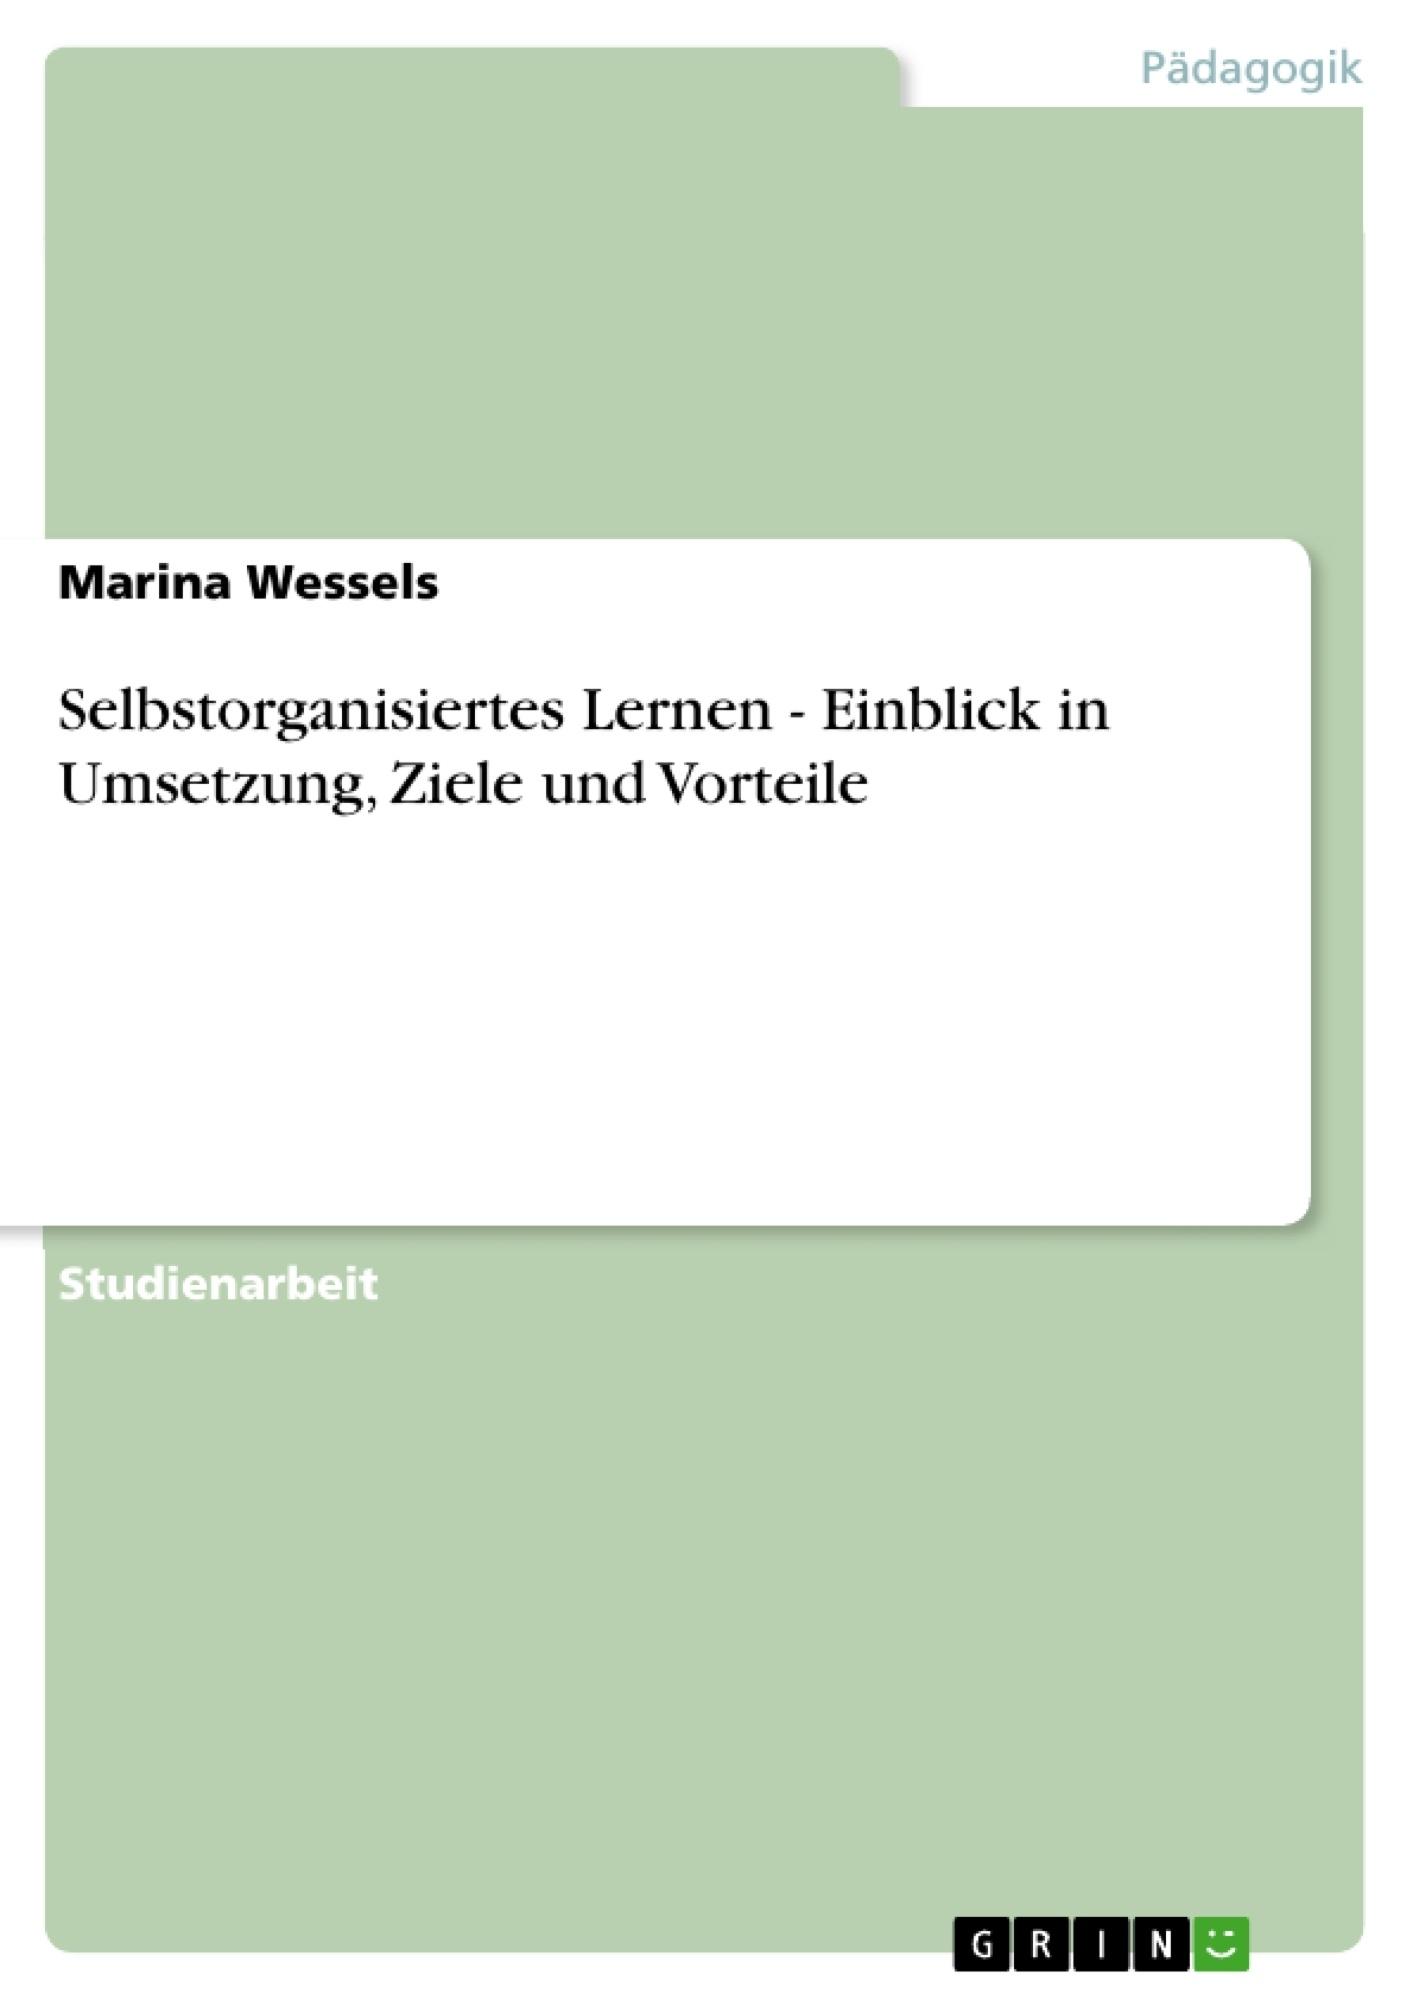 Titel: Selbstorganisiertes Lernen - Einblick in Umsetzung, Ziele und Vorteile